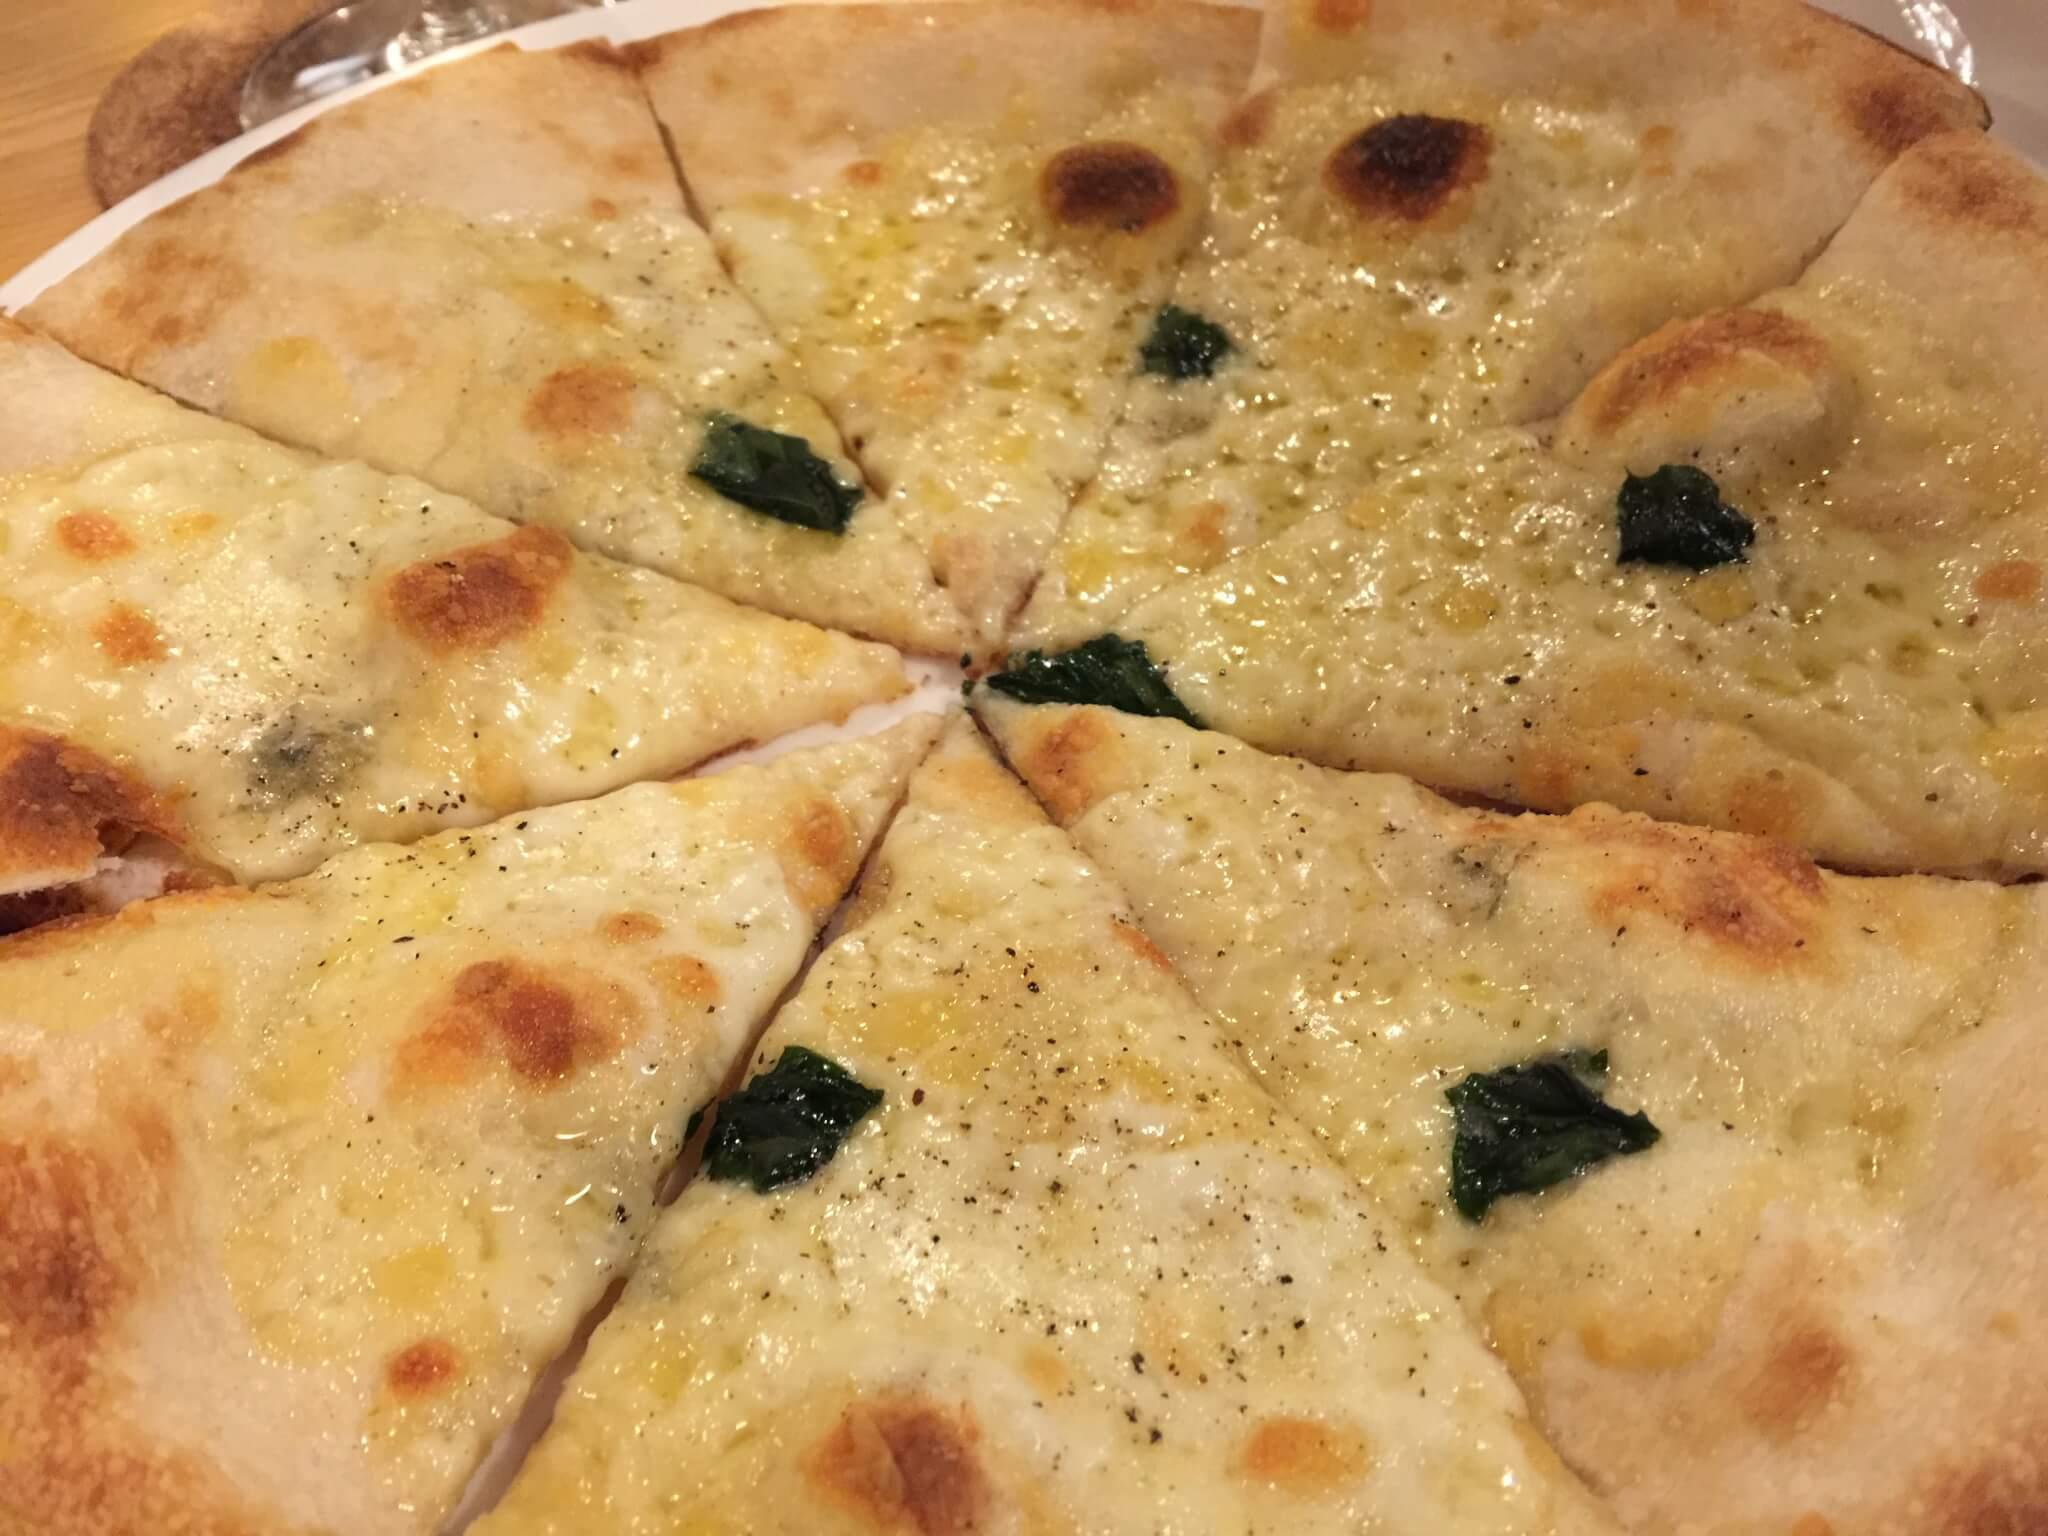 箱根テント(HAKONE TENT)さんのピザ